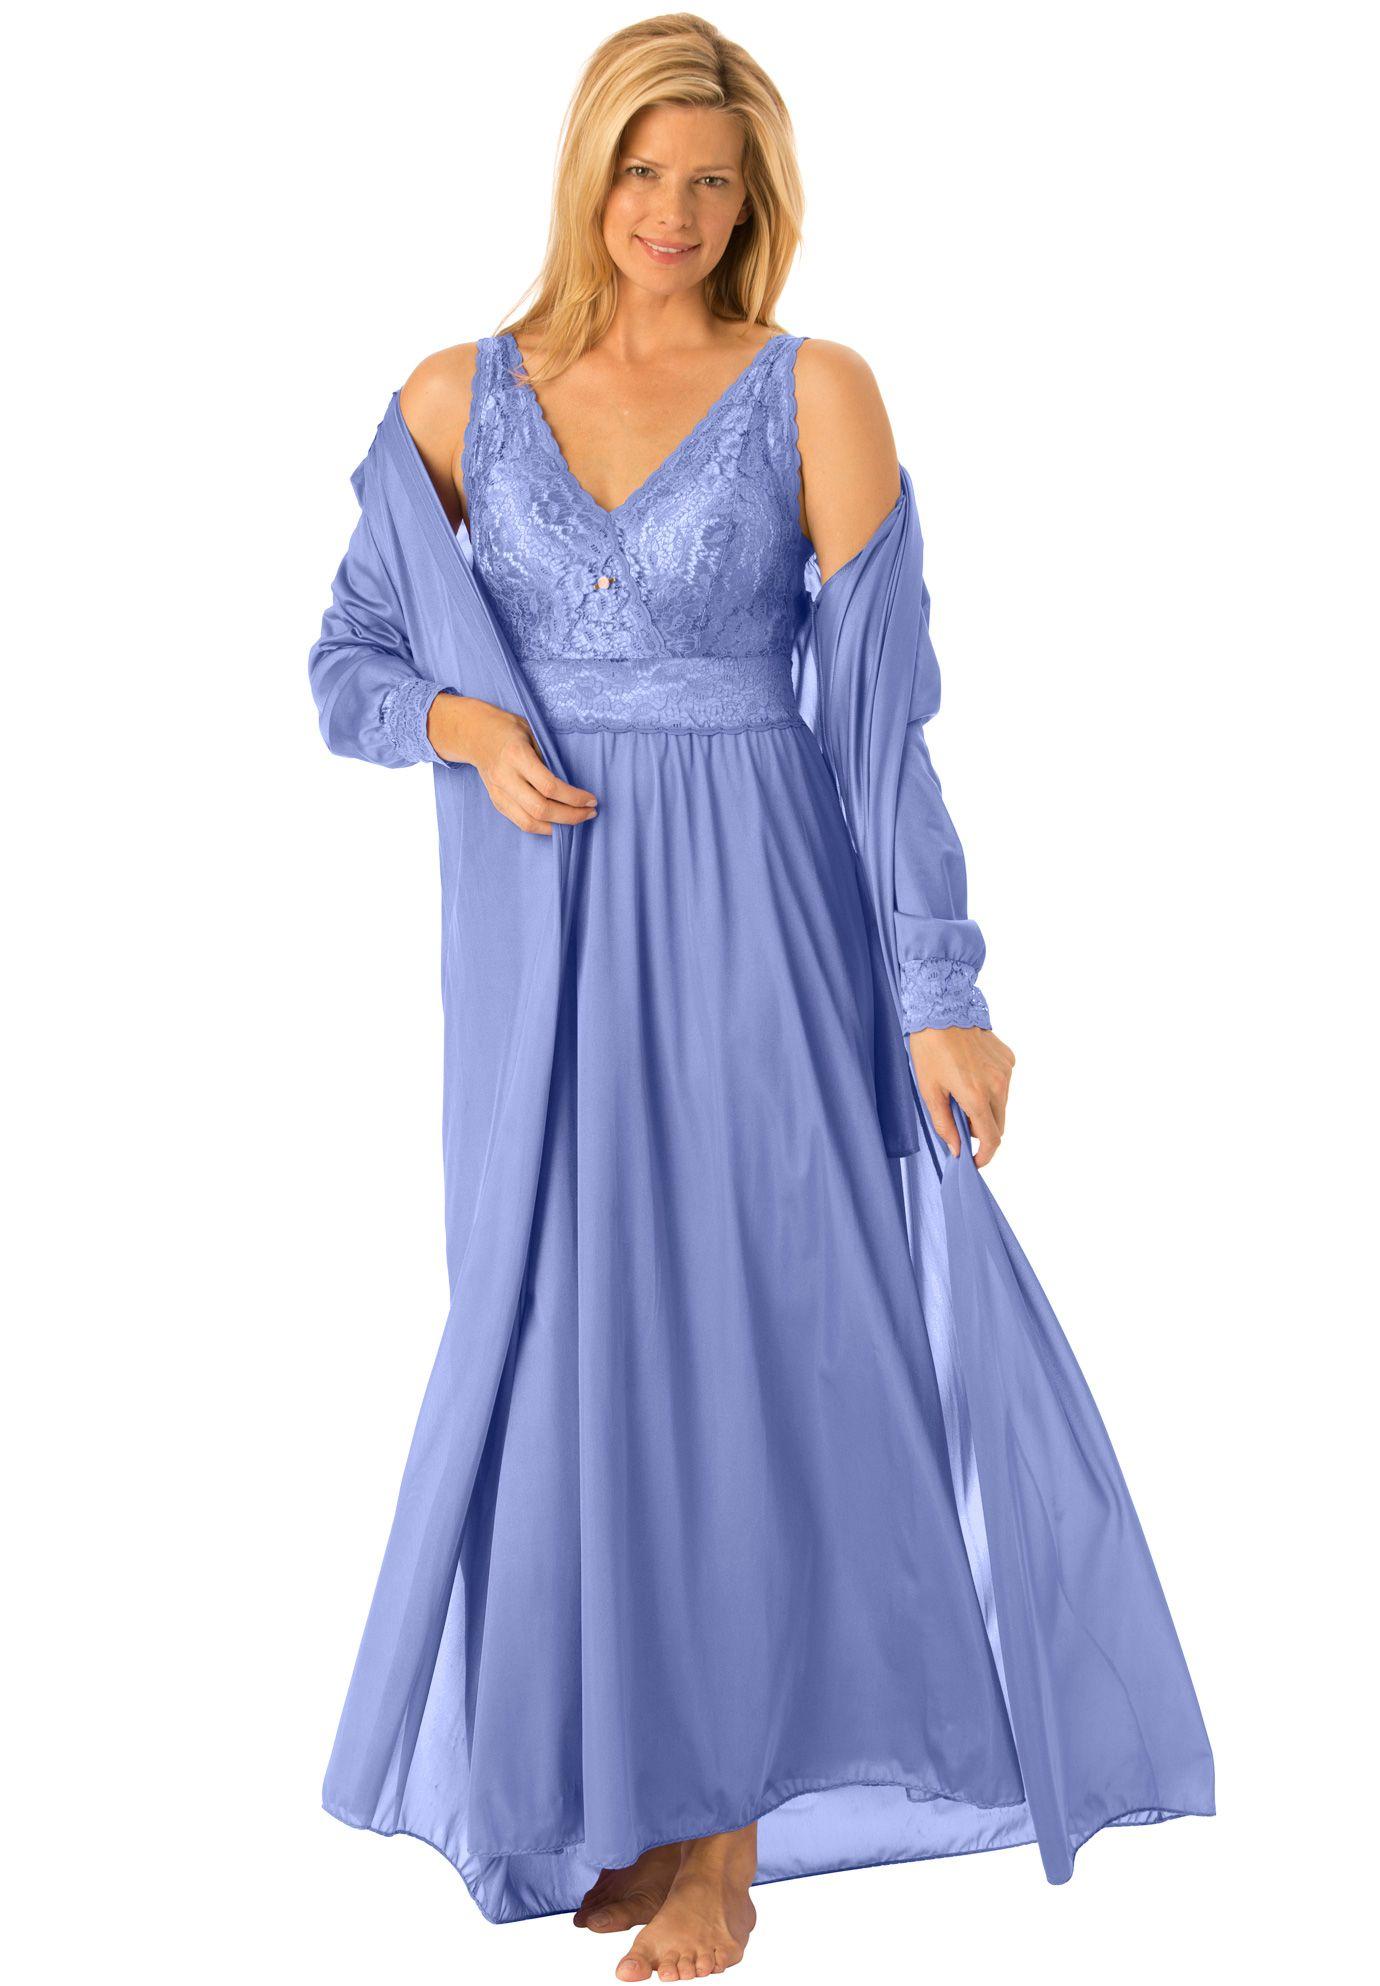 Lace dress nightwear  Plus Size Long tricot peignoir set  Nightwear  Pinterest